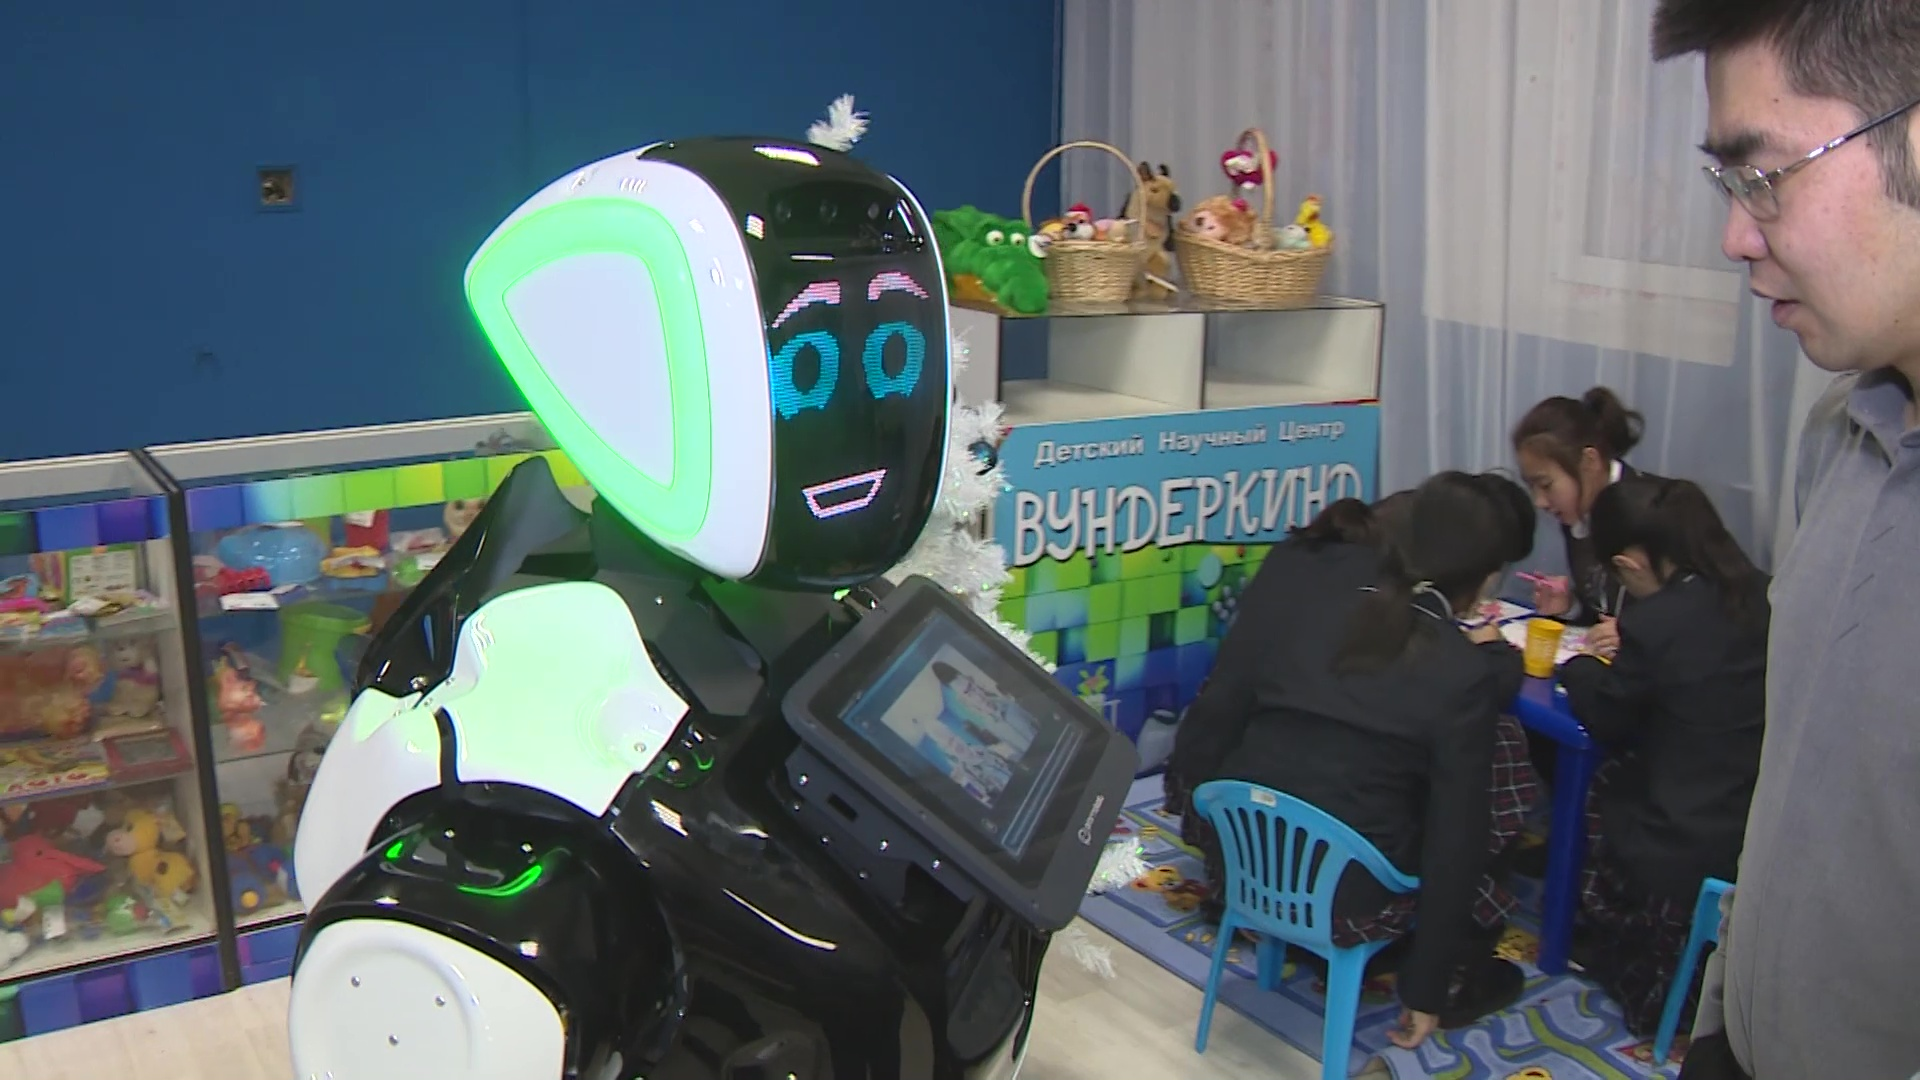 Роботу ярославского вундеркинда придумали имя